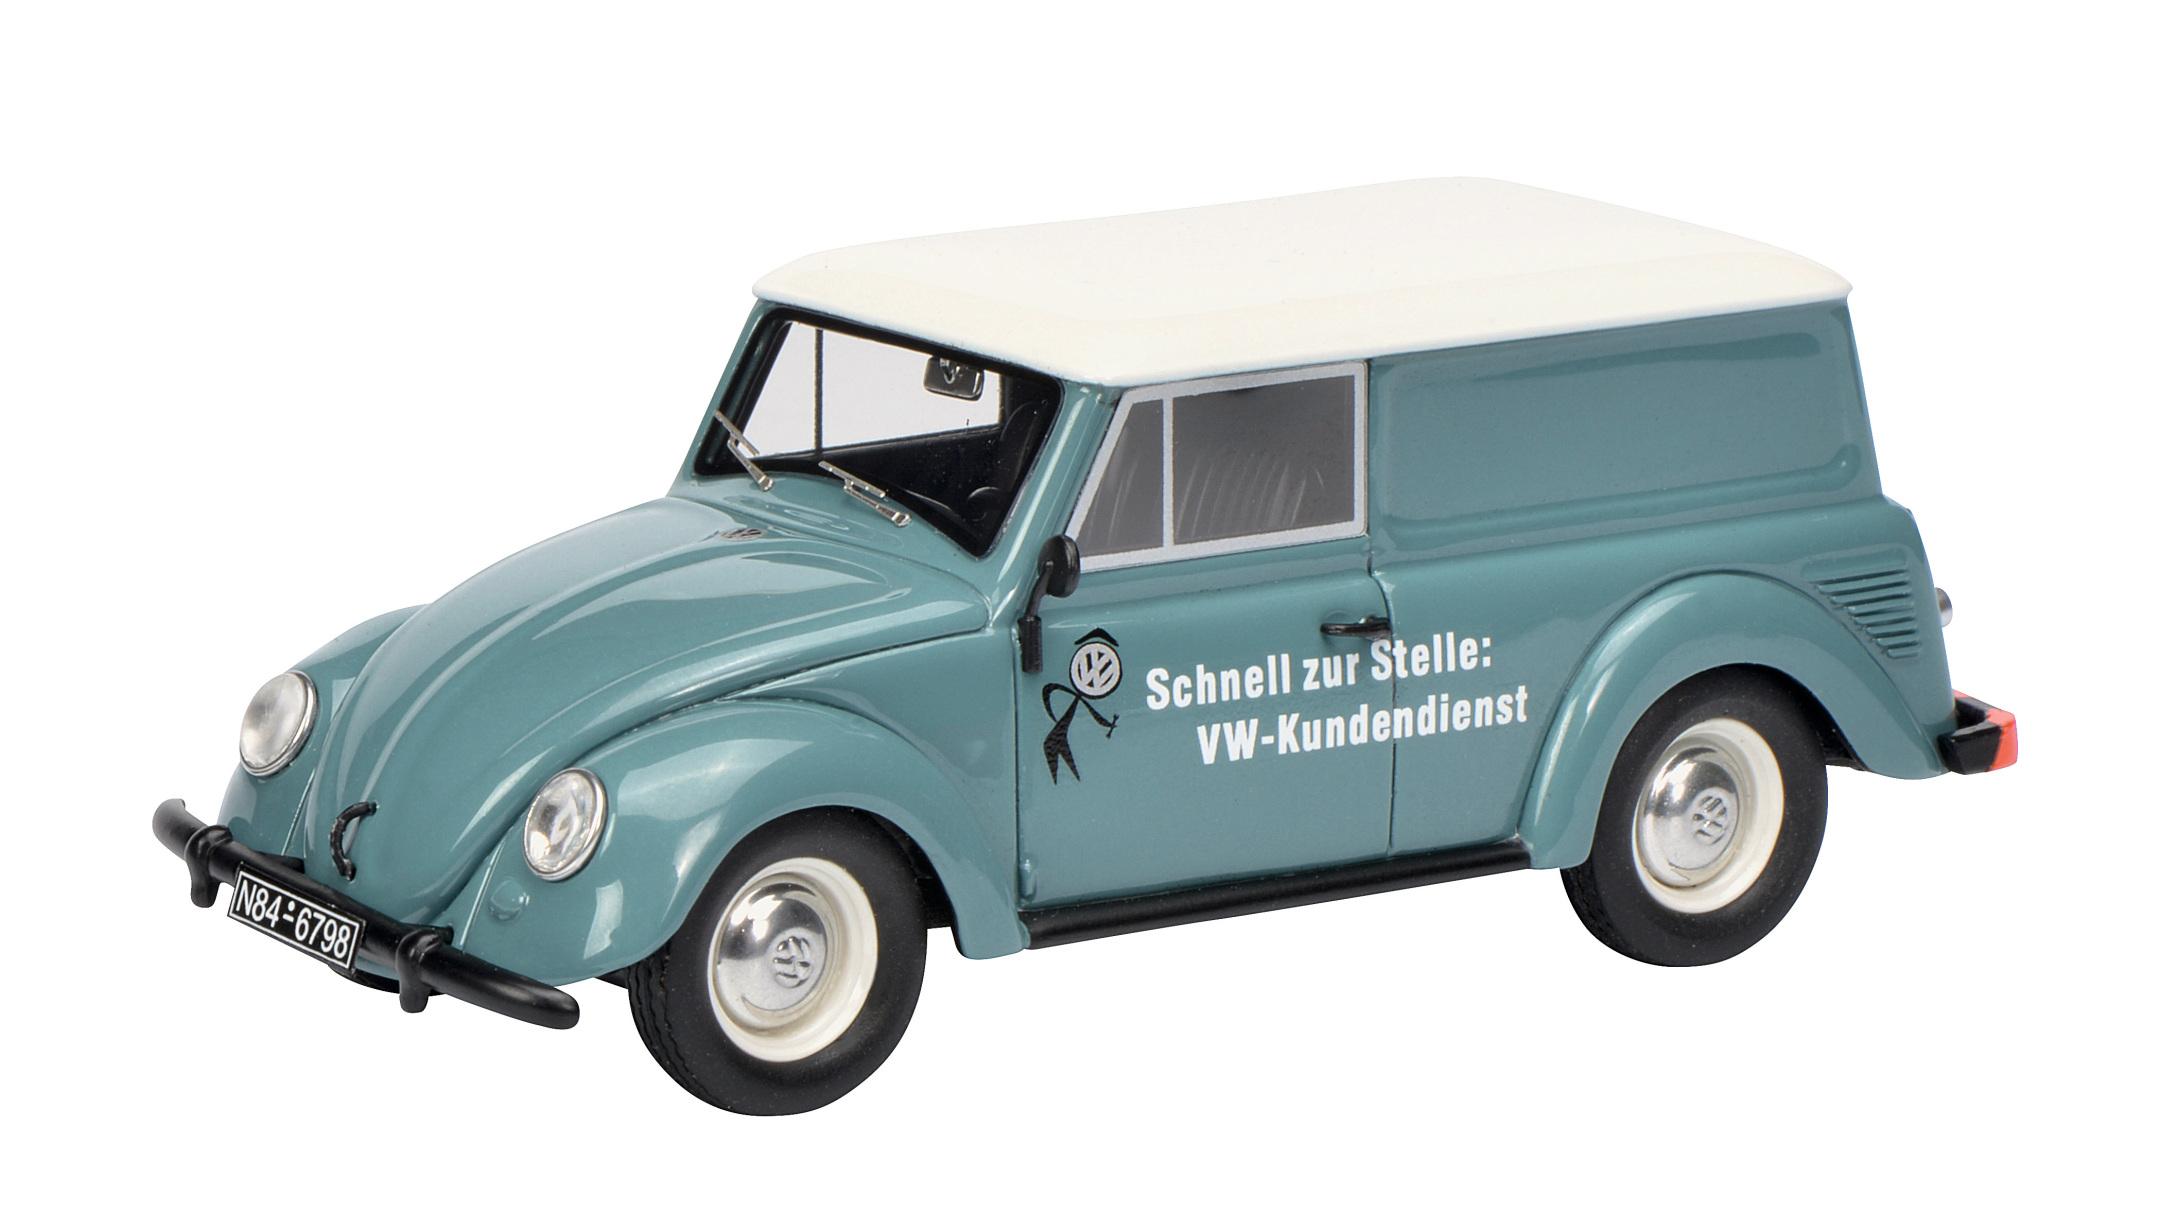 VW Kleinlieferwagen - VW Kundendienst